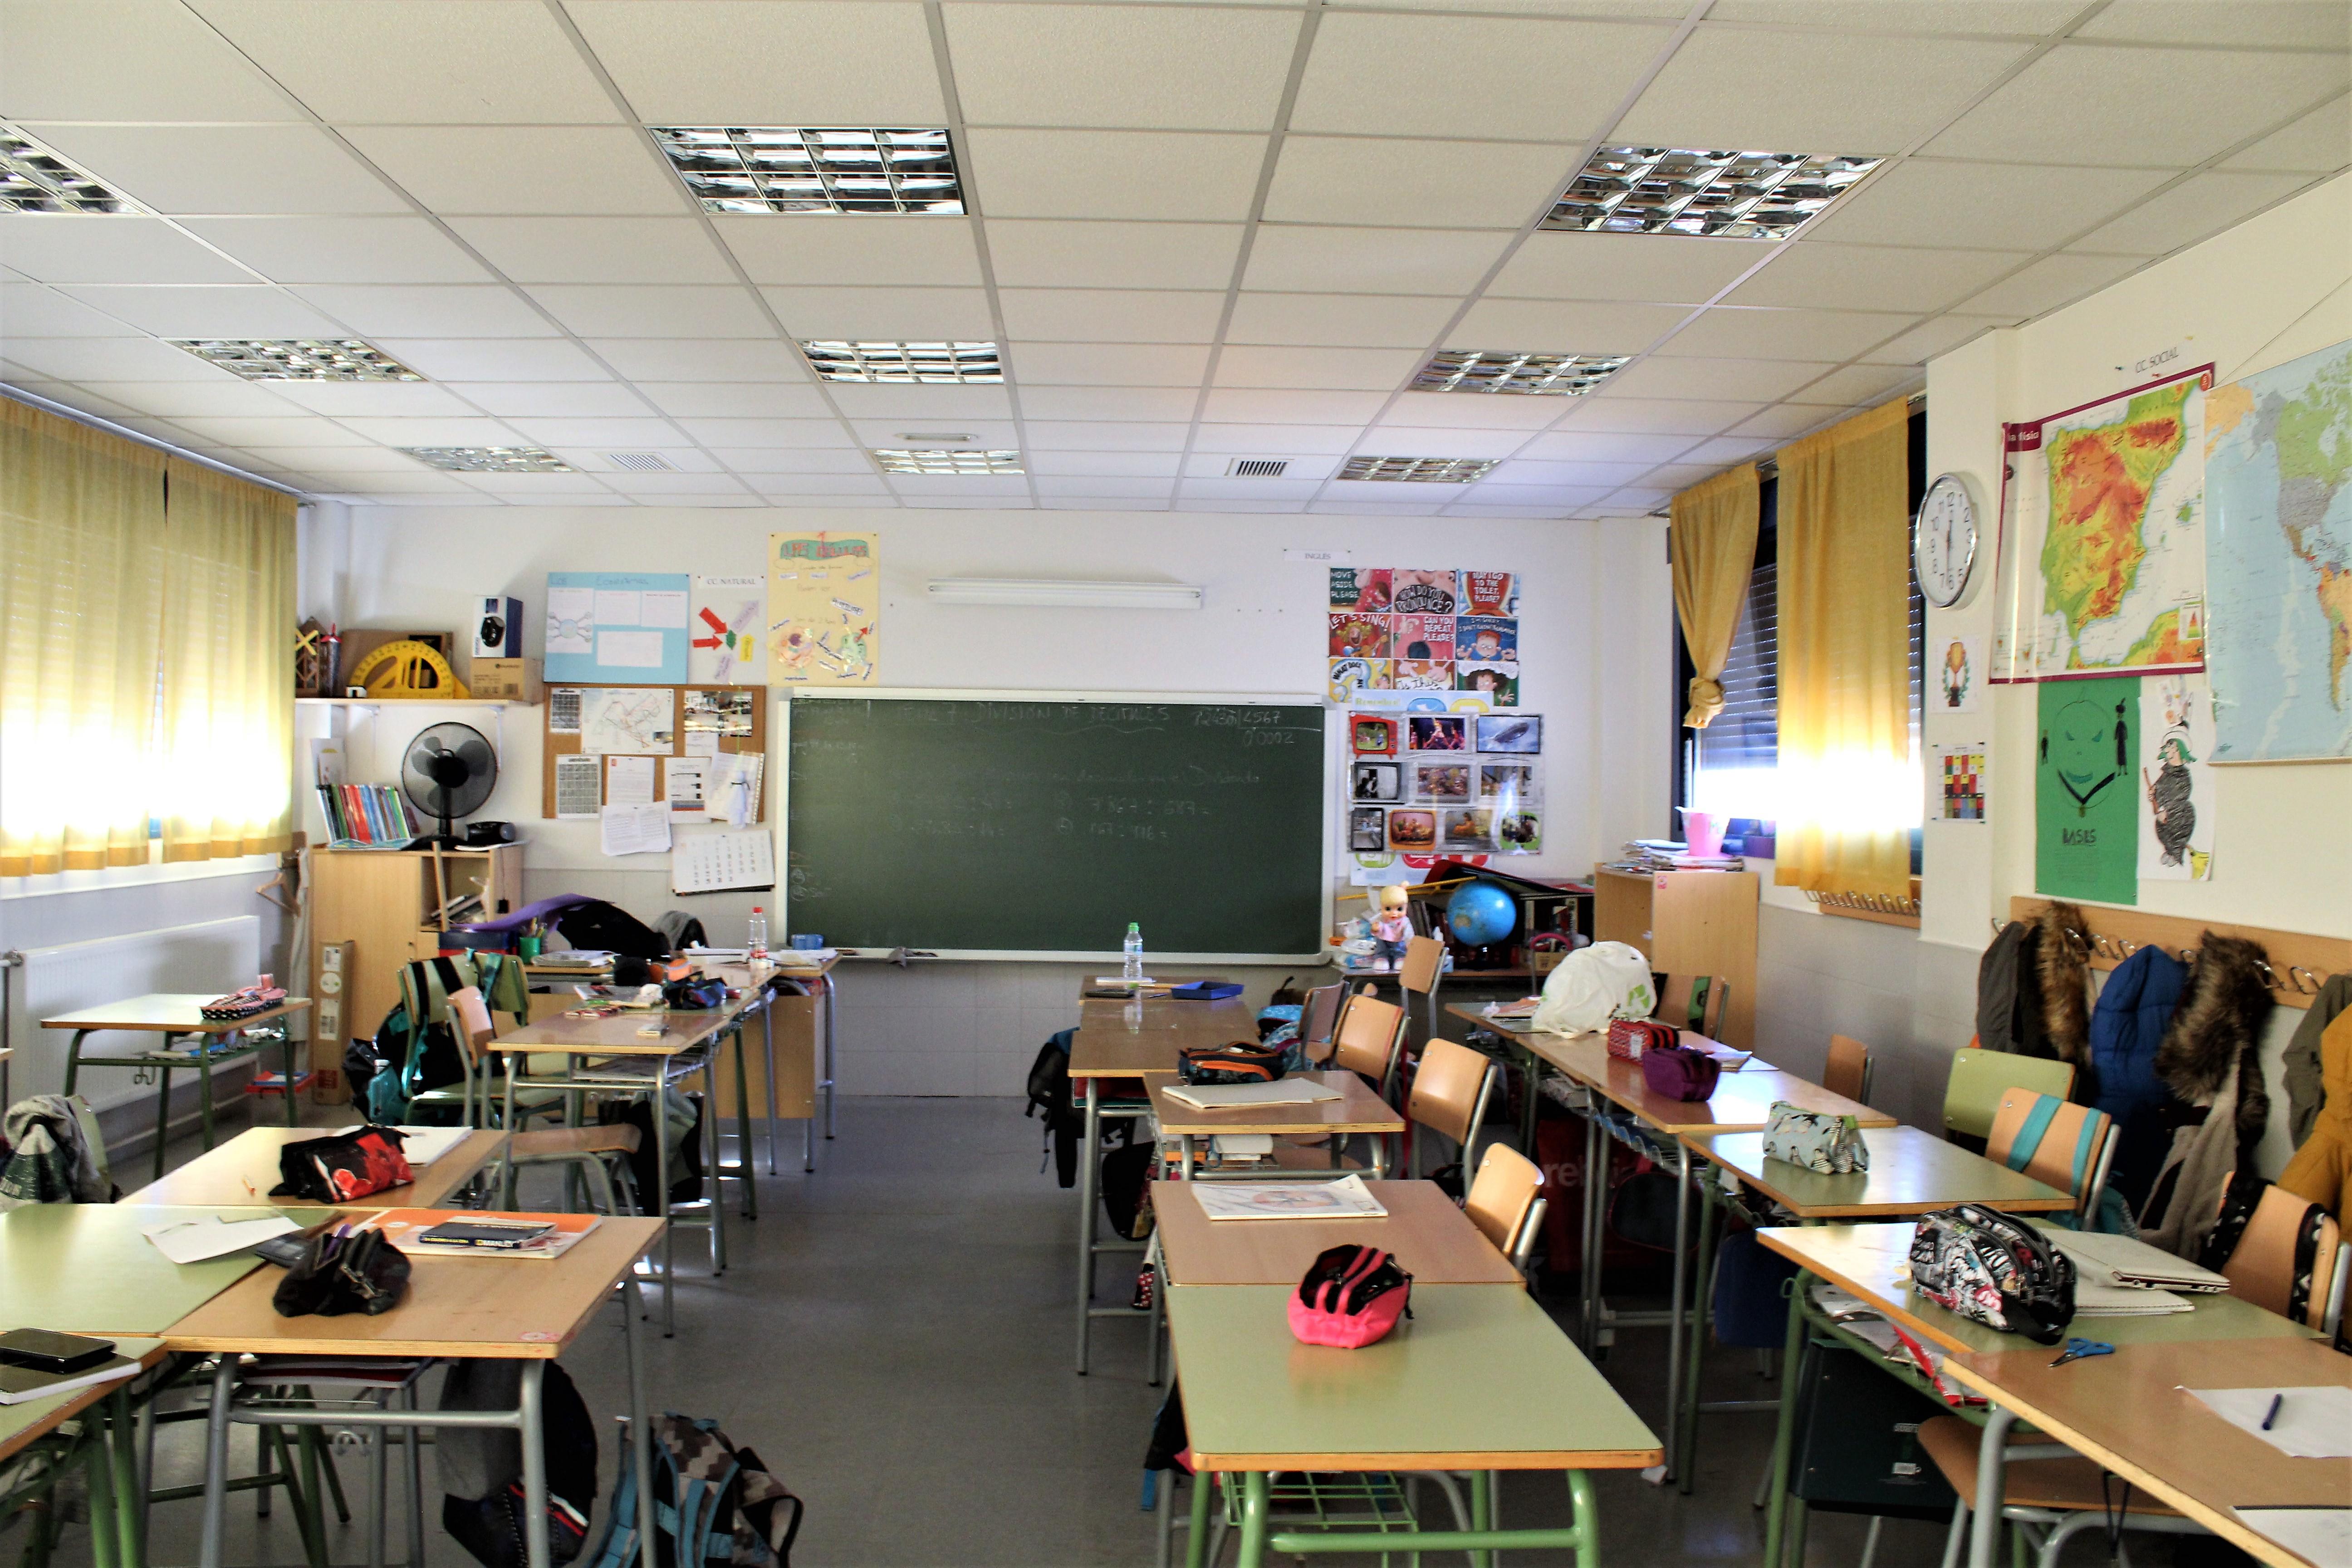 Aula de la clase de 6º A del del CEIP La Muñeca (Guadalajara). Imagen: Eva Reneses.